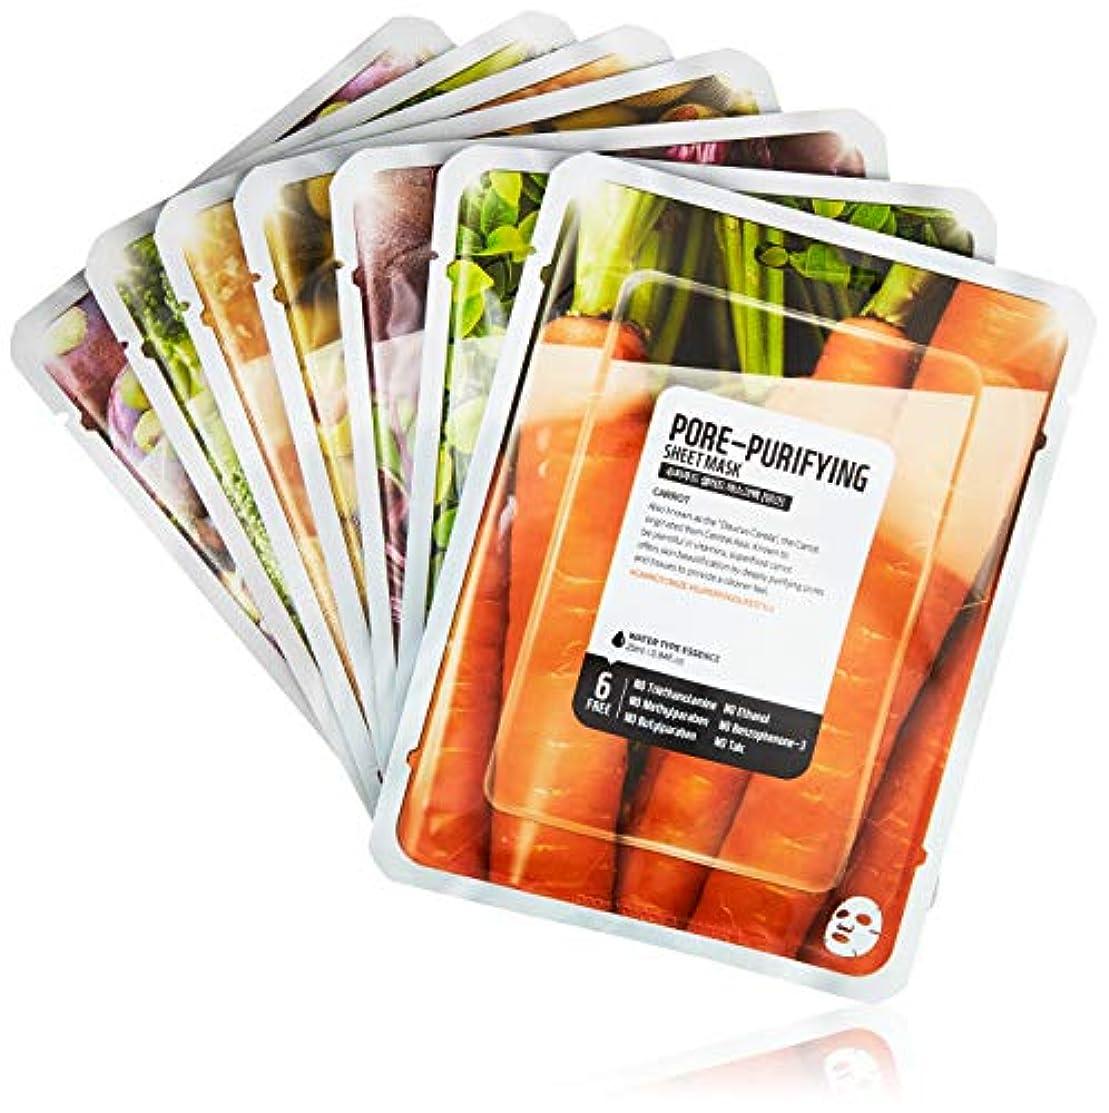 プレビスサイト税金高めるファームスキン スーパーフードサラダ フォースキン フェイスマスクシート パッケージB(にんじん) 7枚入